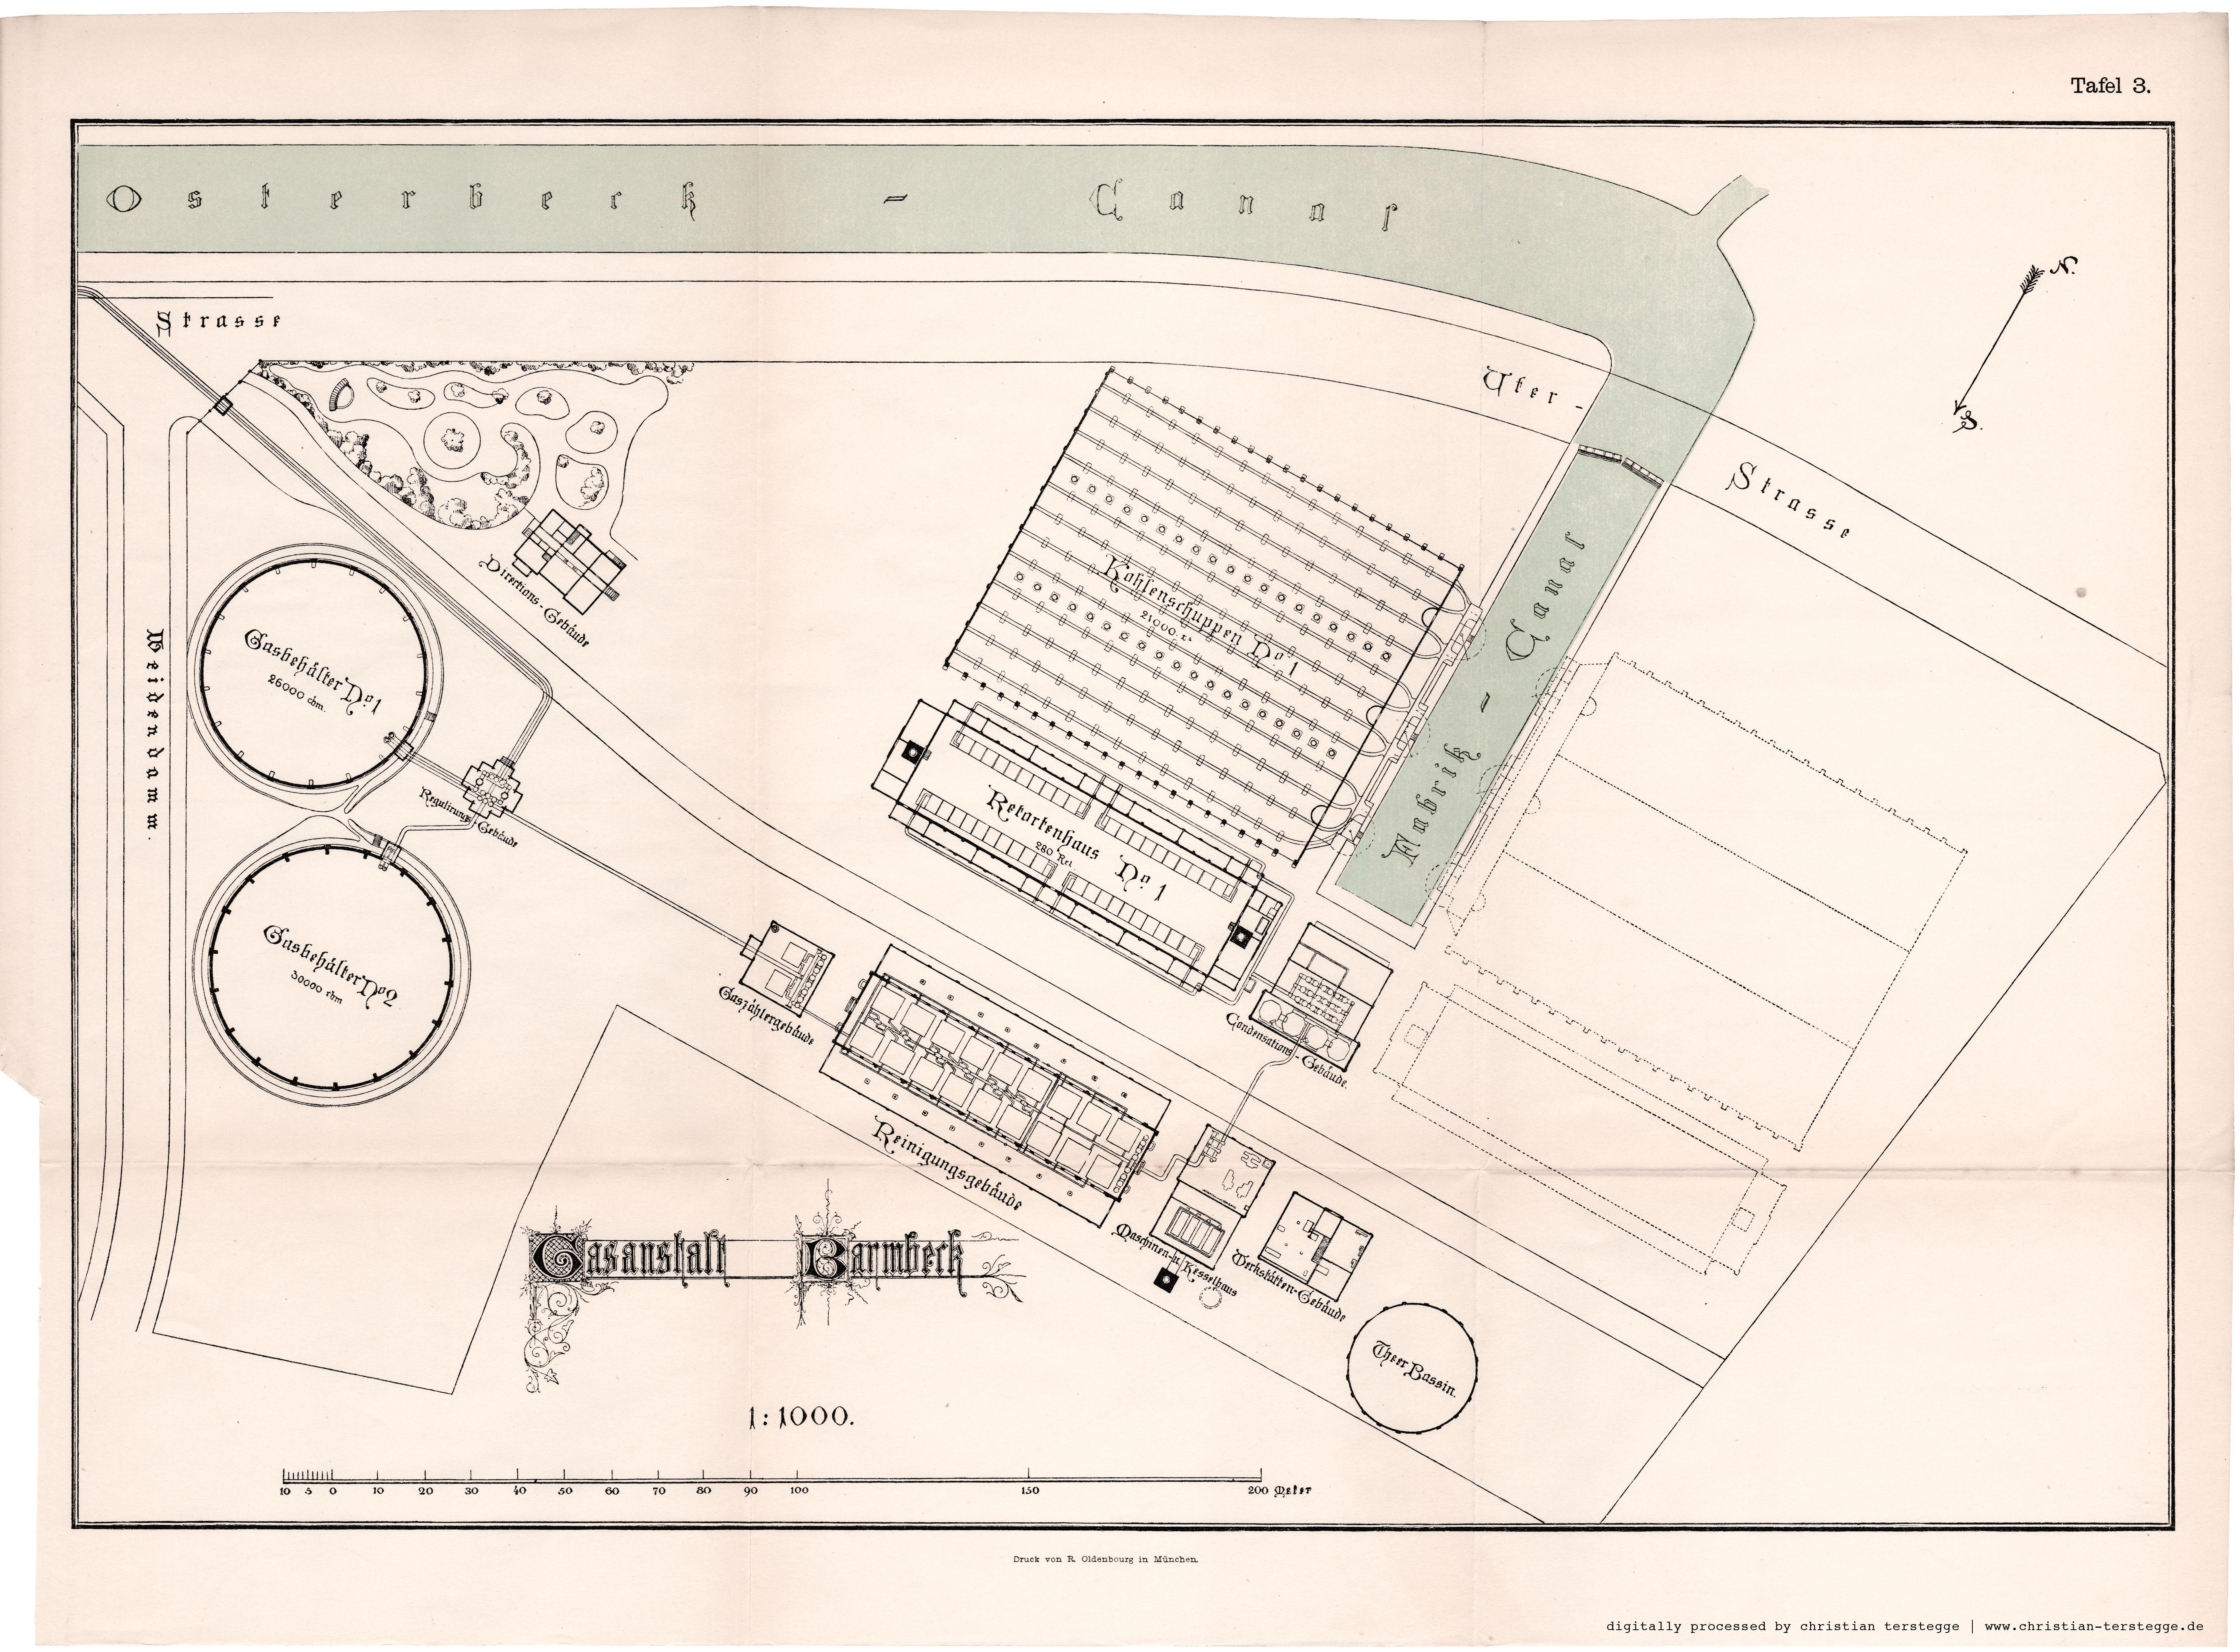 alte und historische karten aus hamburg zu speziellen themen. Black Bedroom Furniture Sets. Home Design Ideas